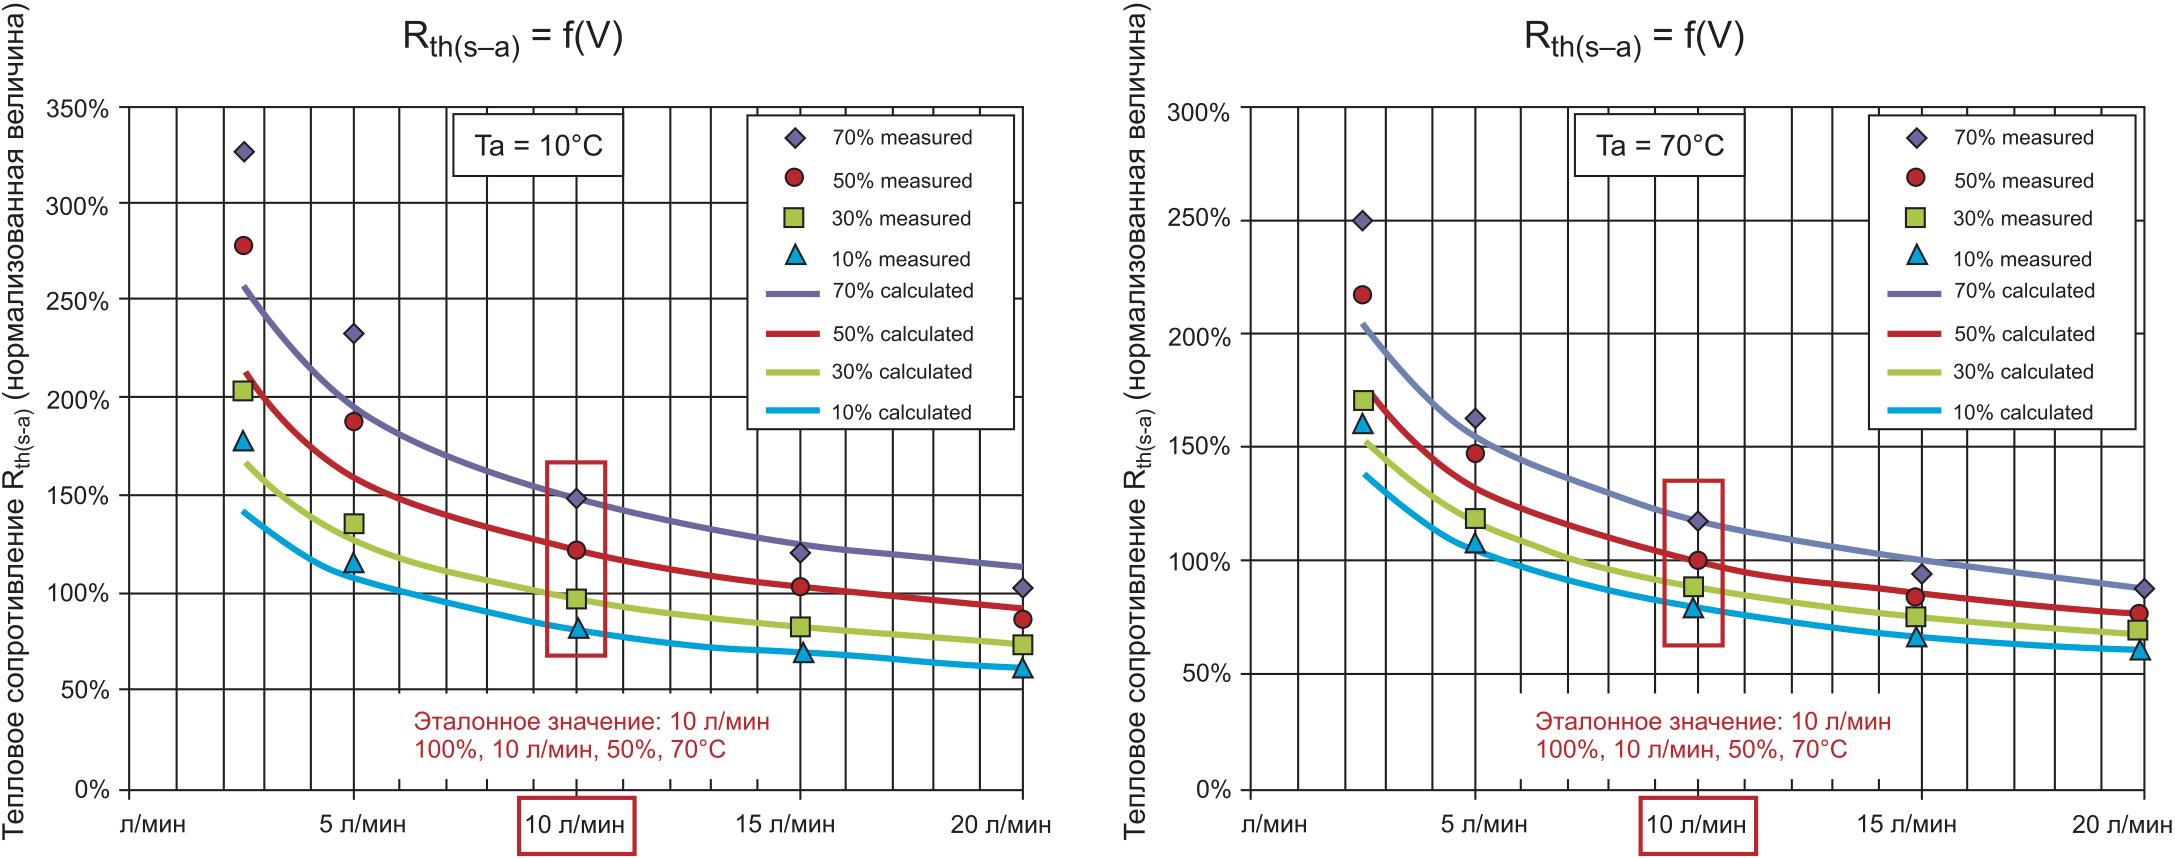 Нормализованное тепловое сопротивление Rth(s–a) = f(V) — измеренные и расчетные значения (формула 2, К = 0,4)